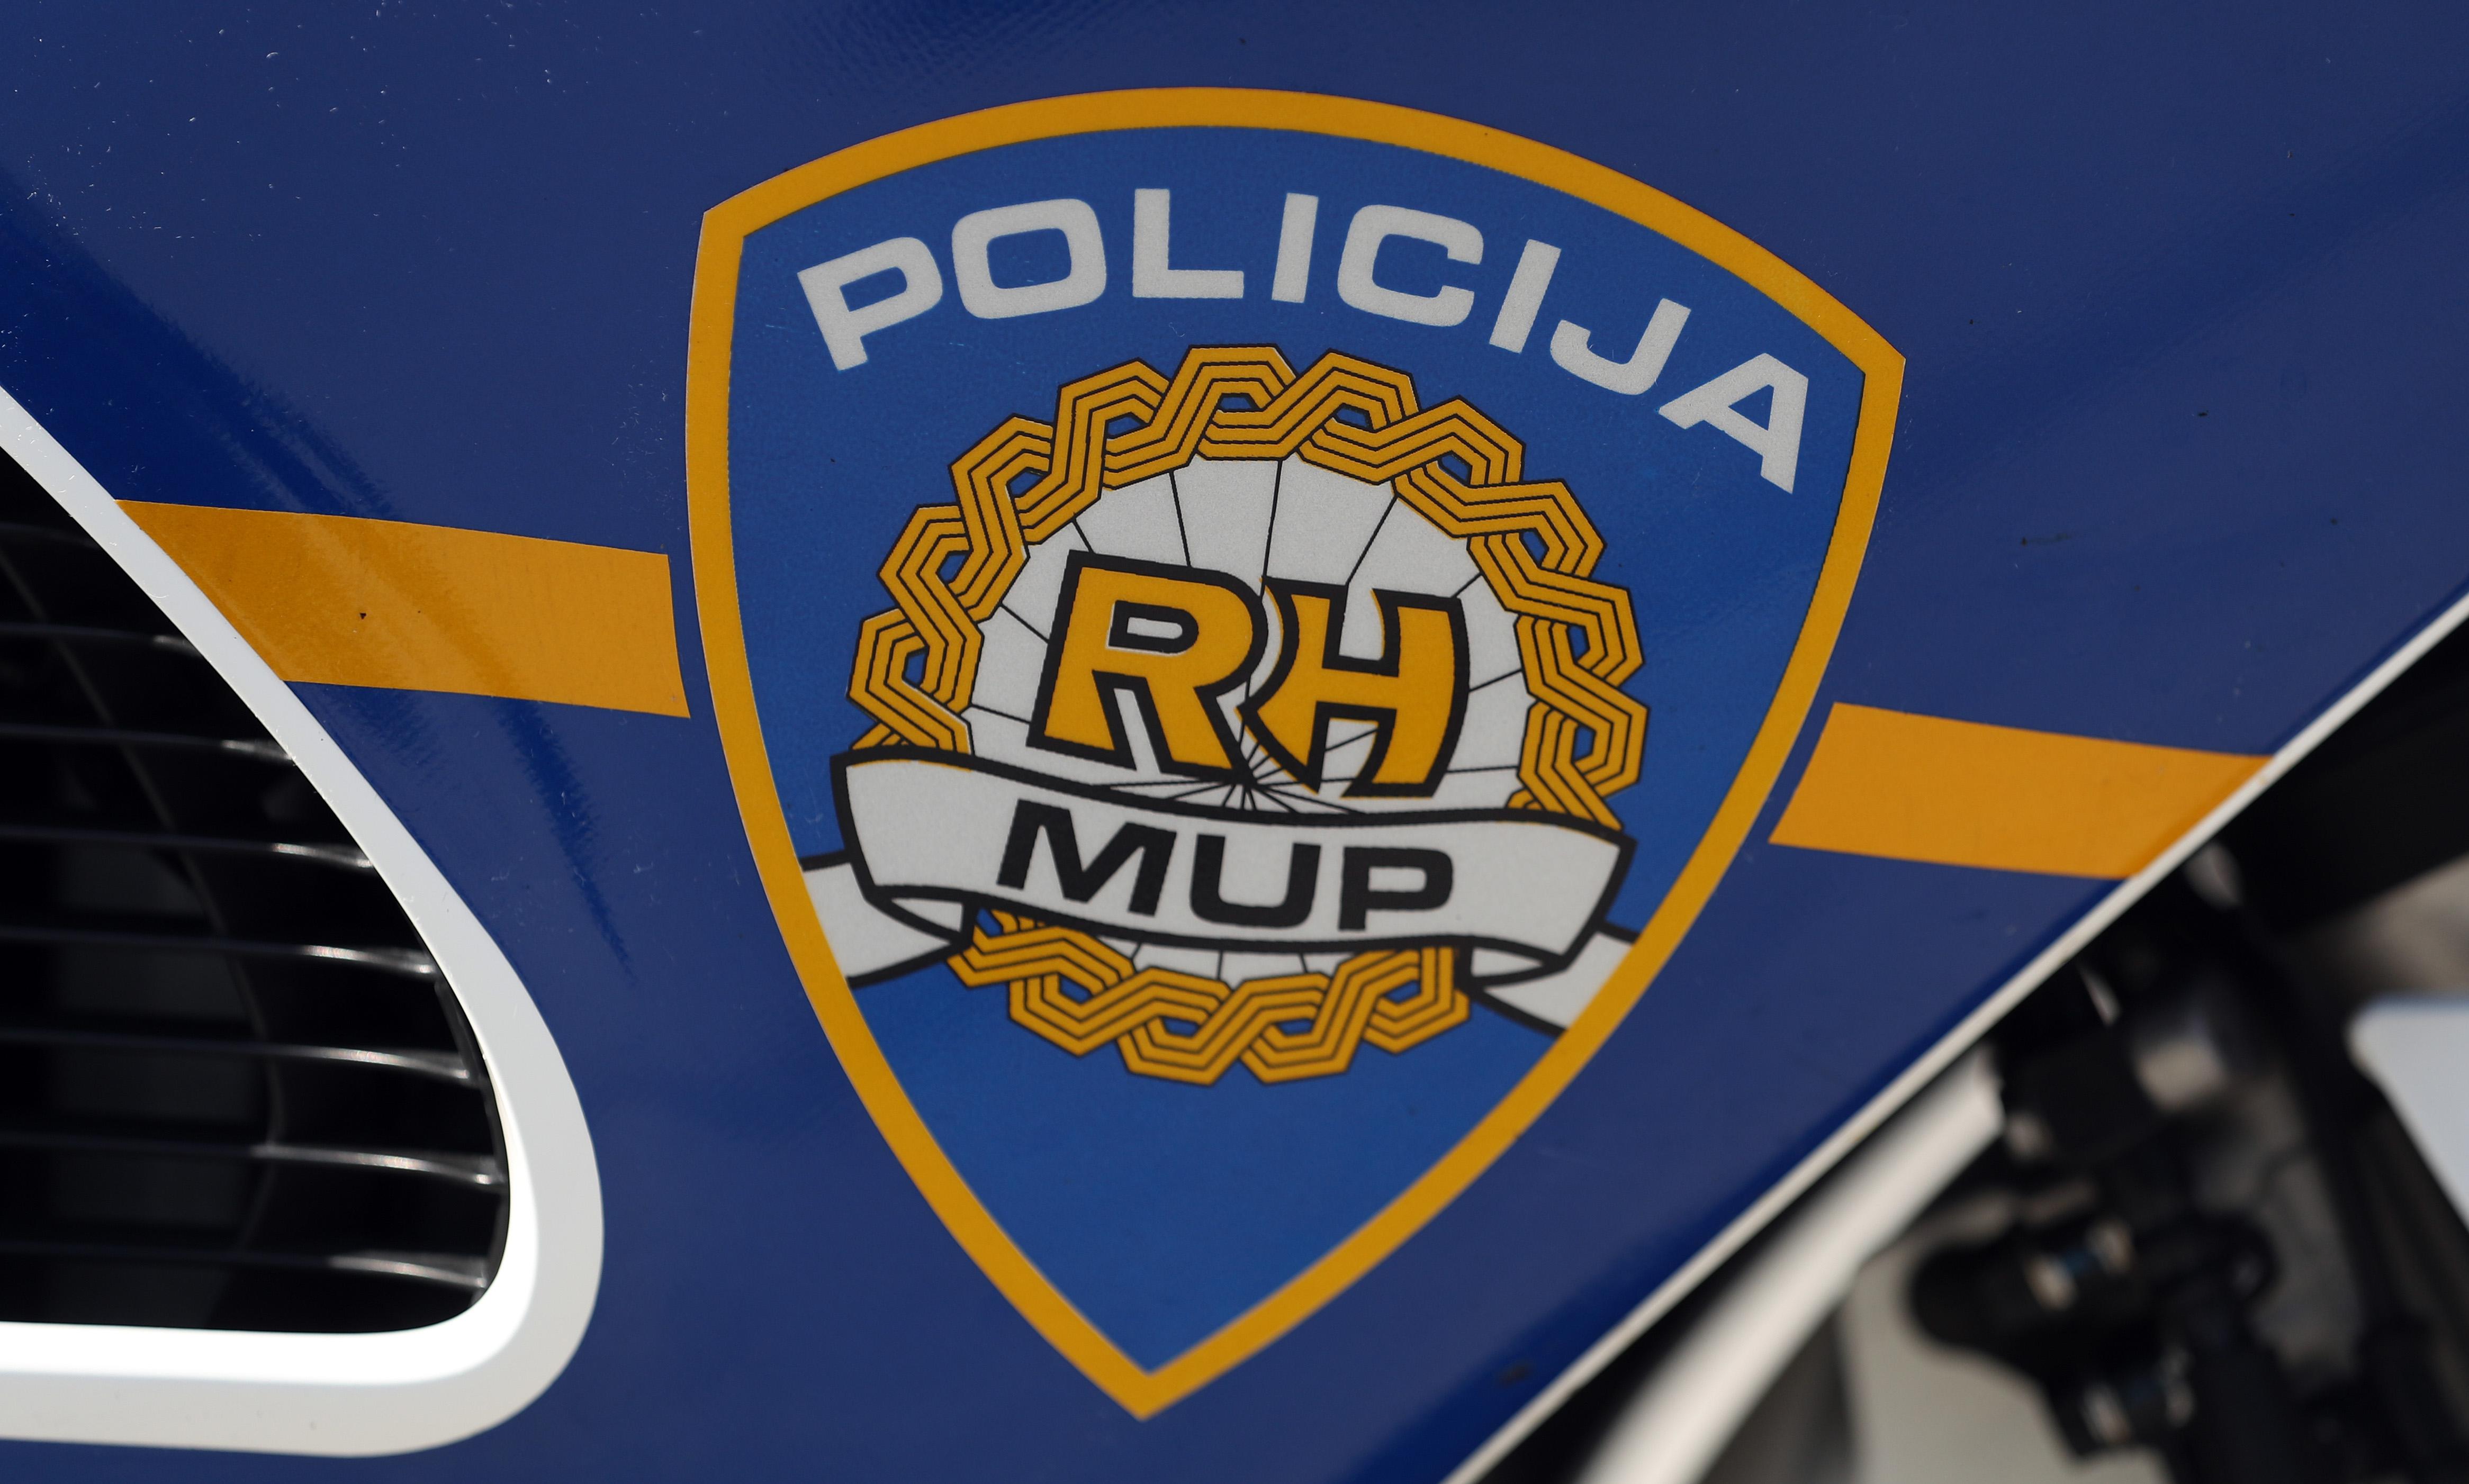 Policija za Martinje i blagdane kreće u pojačani nadzor prometa